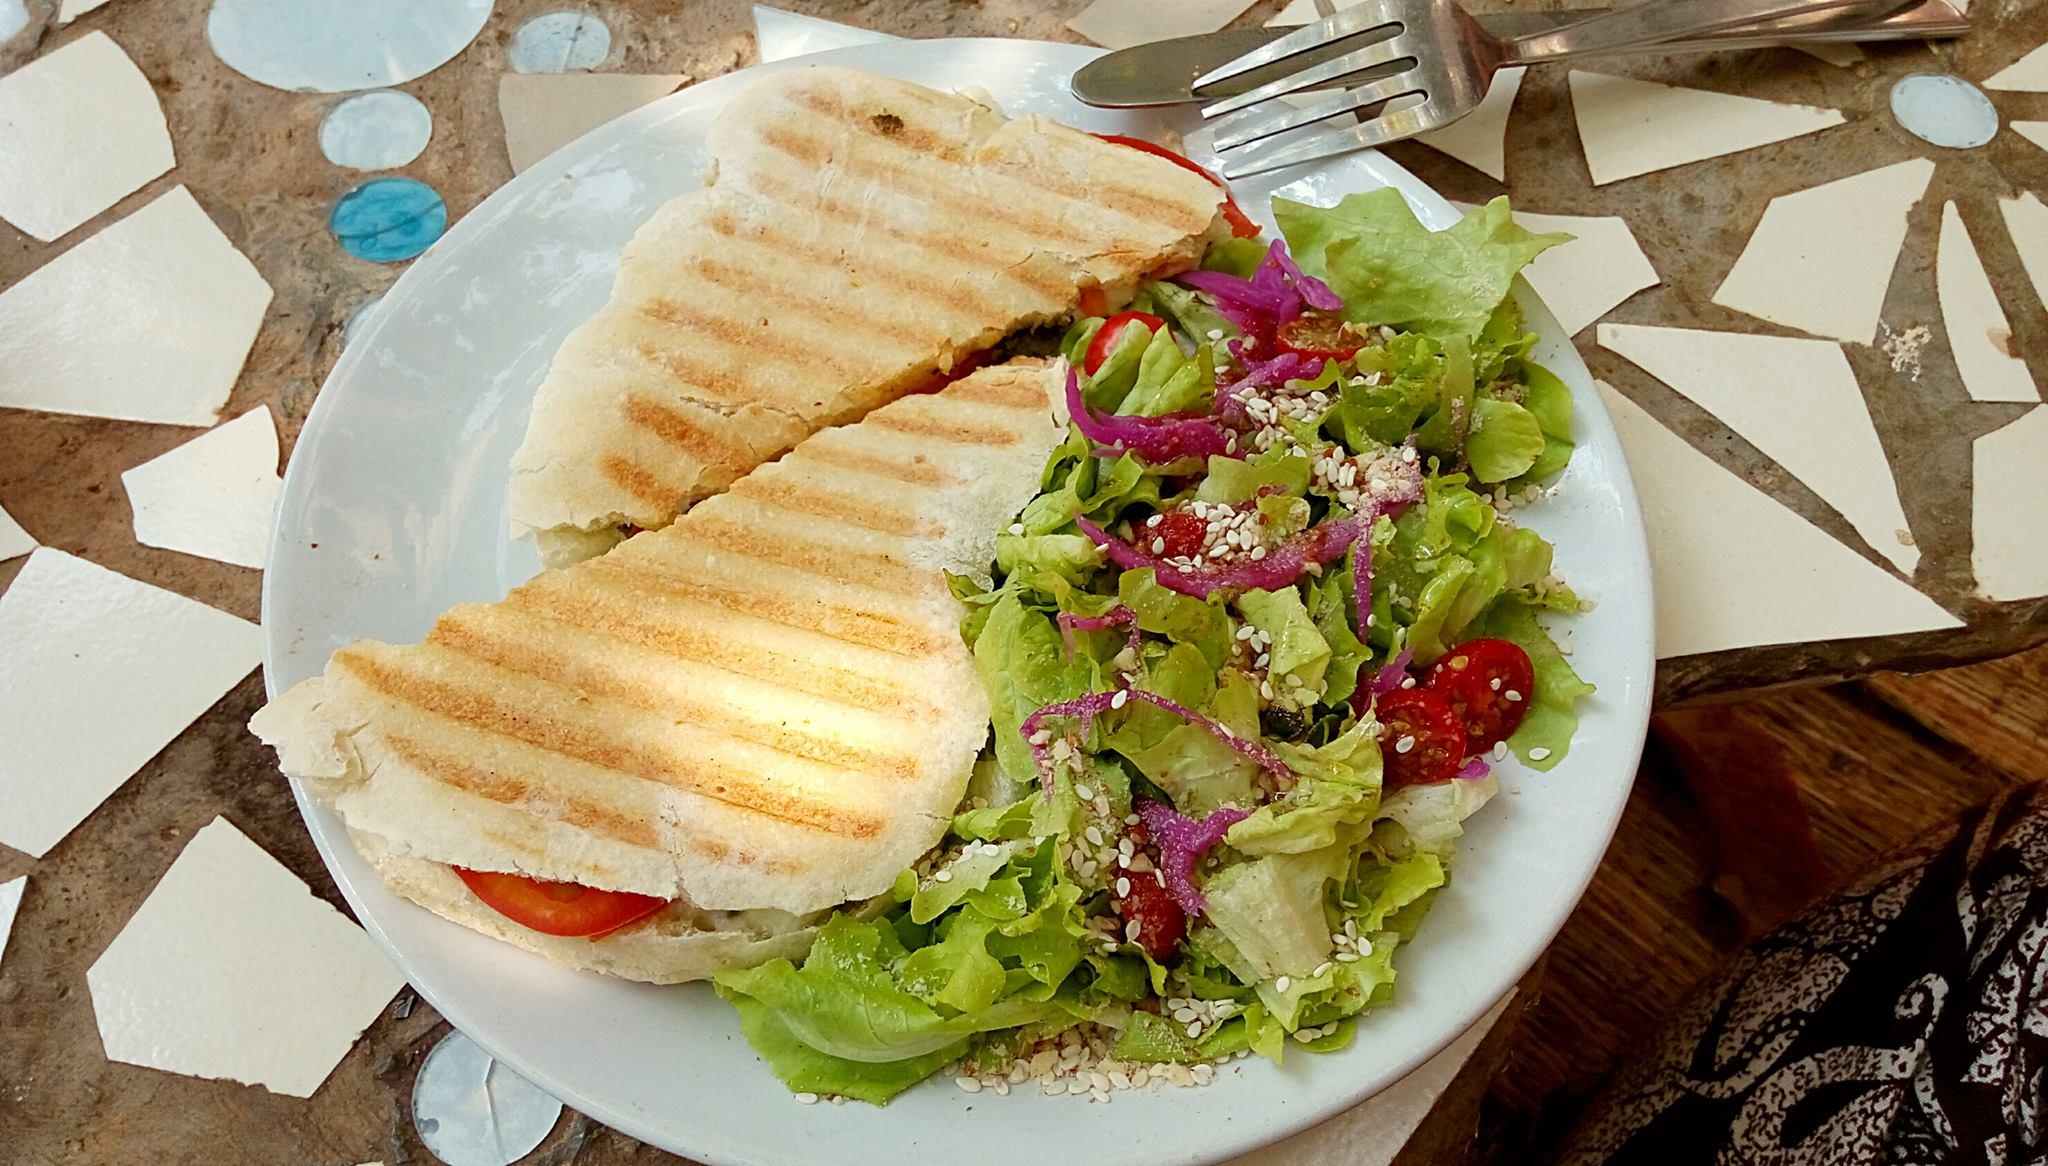 Най-любимият ми сандвич - Pesto Mozarella & Tomato Panini, в най-любимото ни заведение тук - Garden of dreams.